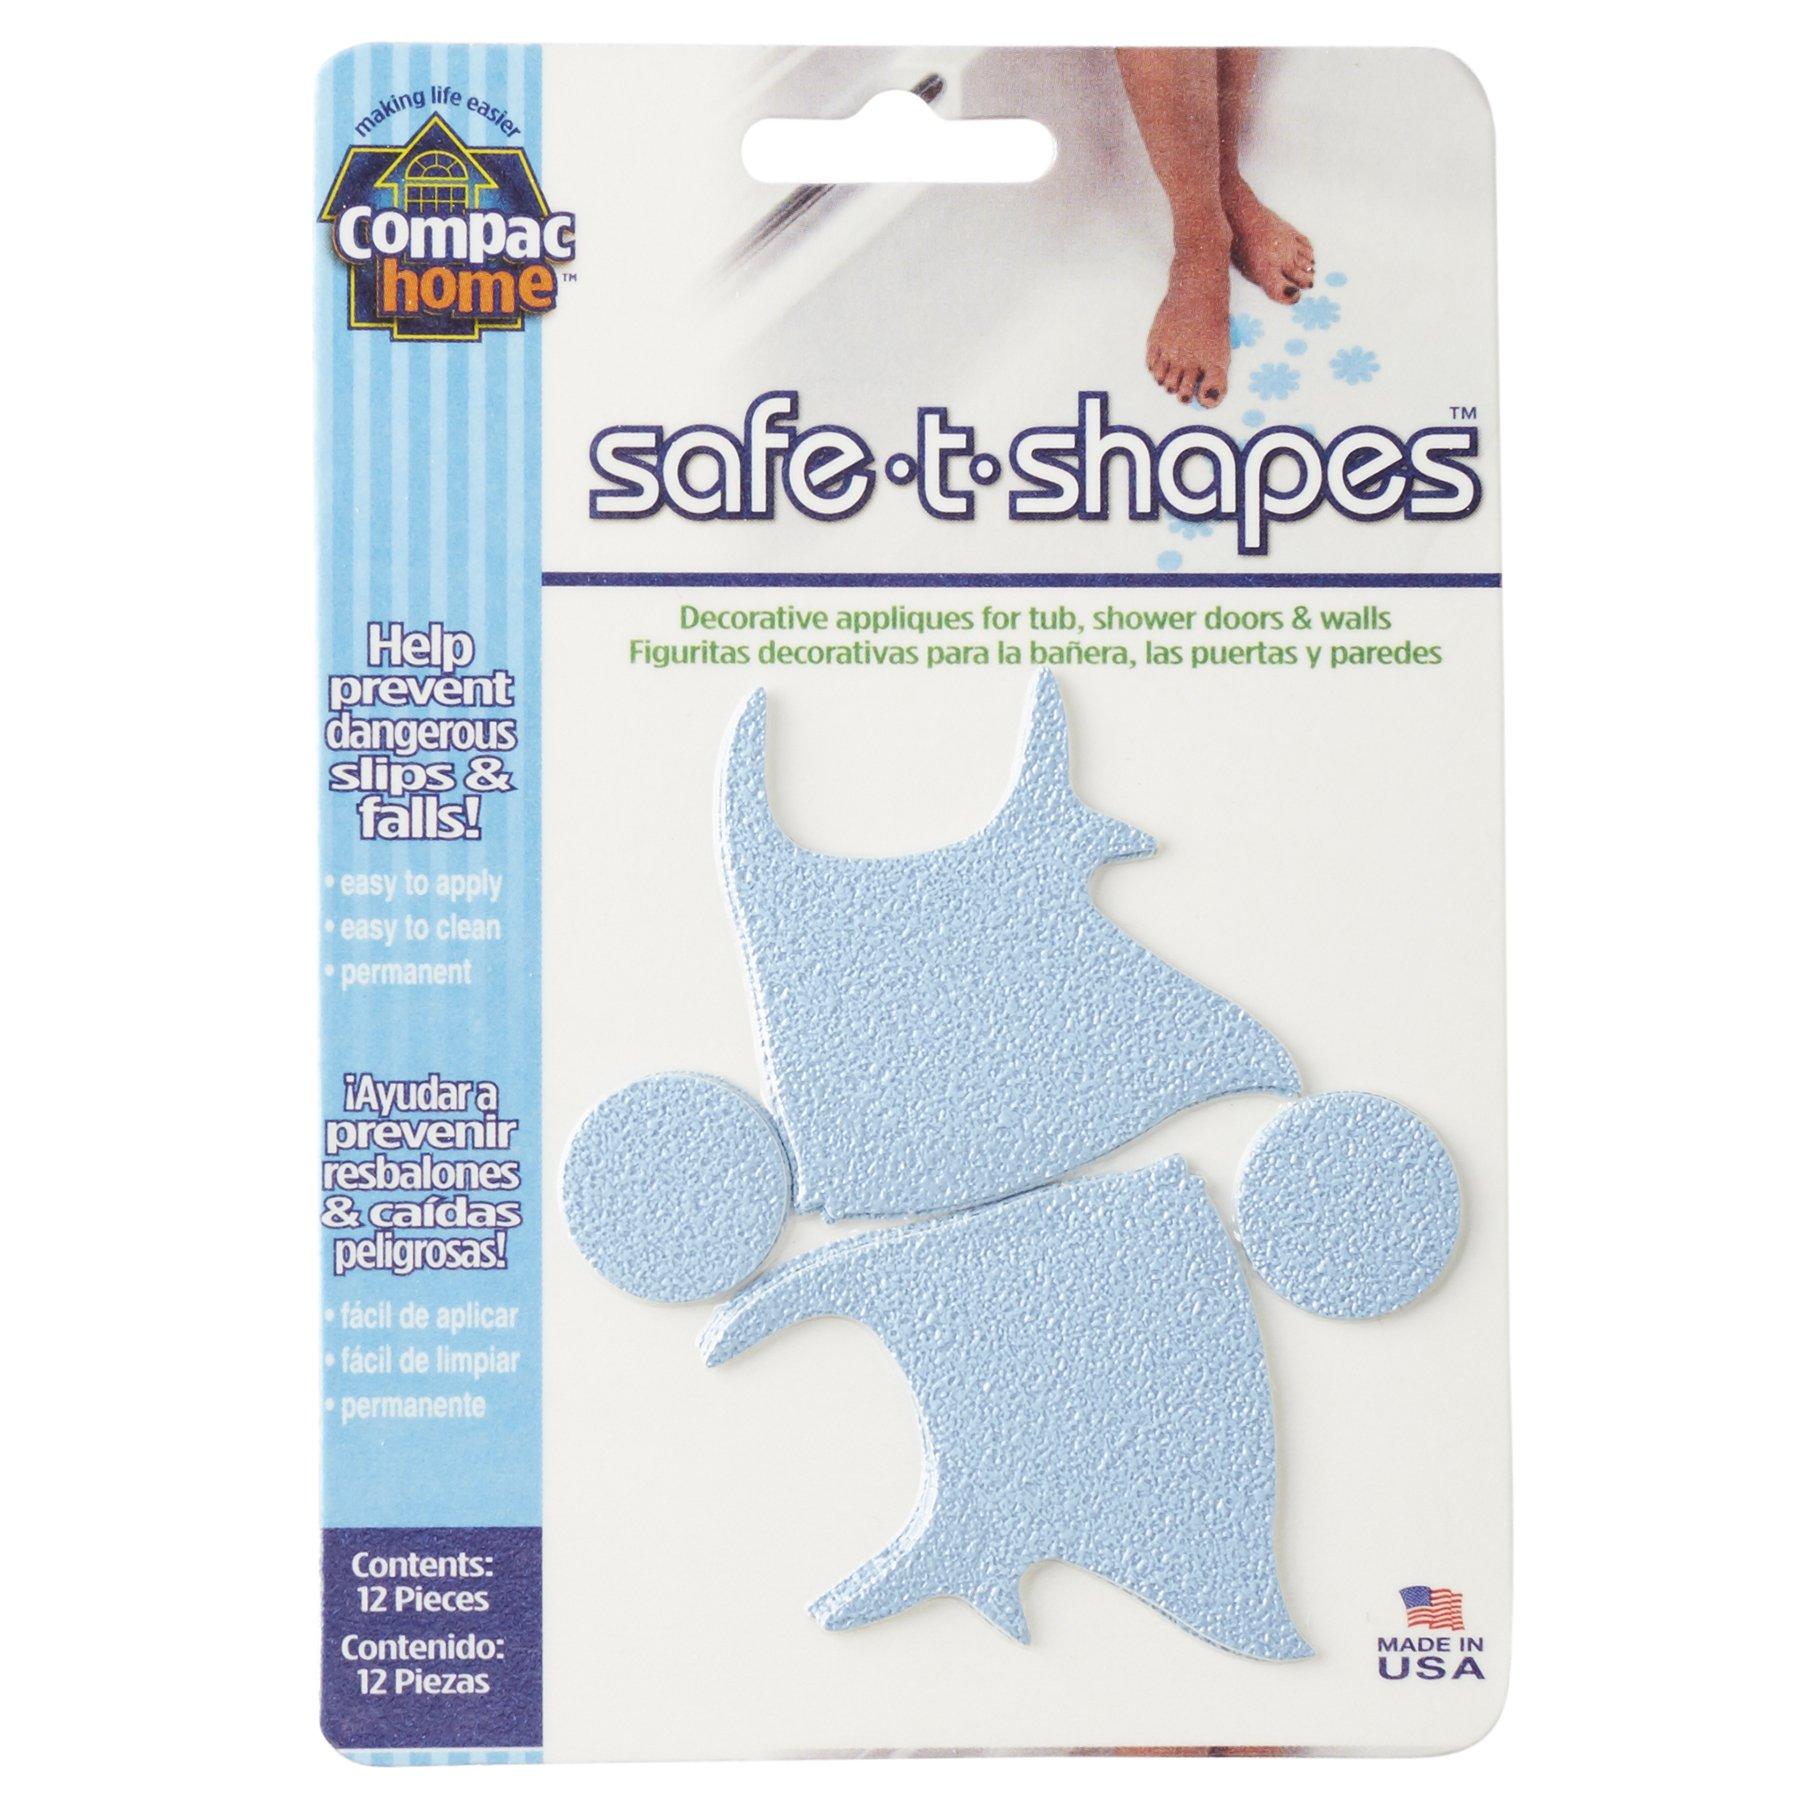 Compac Safe-T-Shapes Bathtub Appliques, Blue Fish, 3 Count